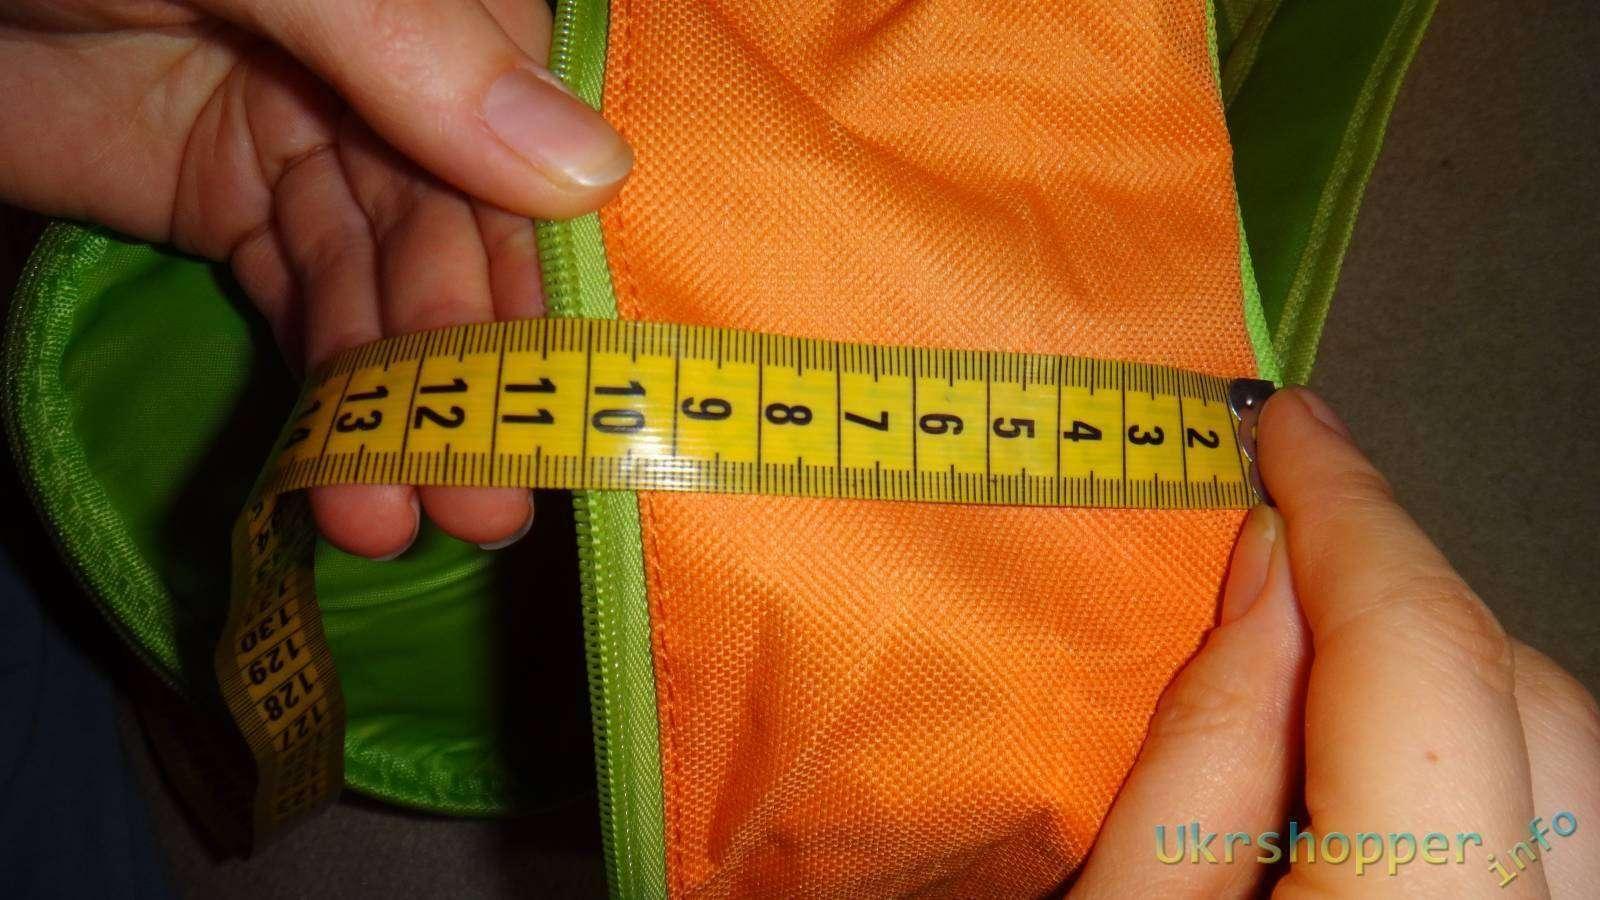 EachBuyer: Обзор детского рюкзака 'Кот'